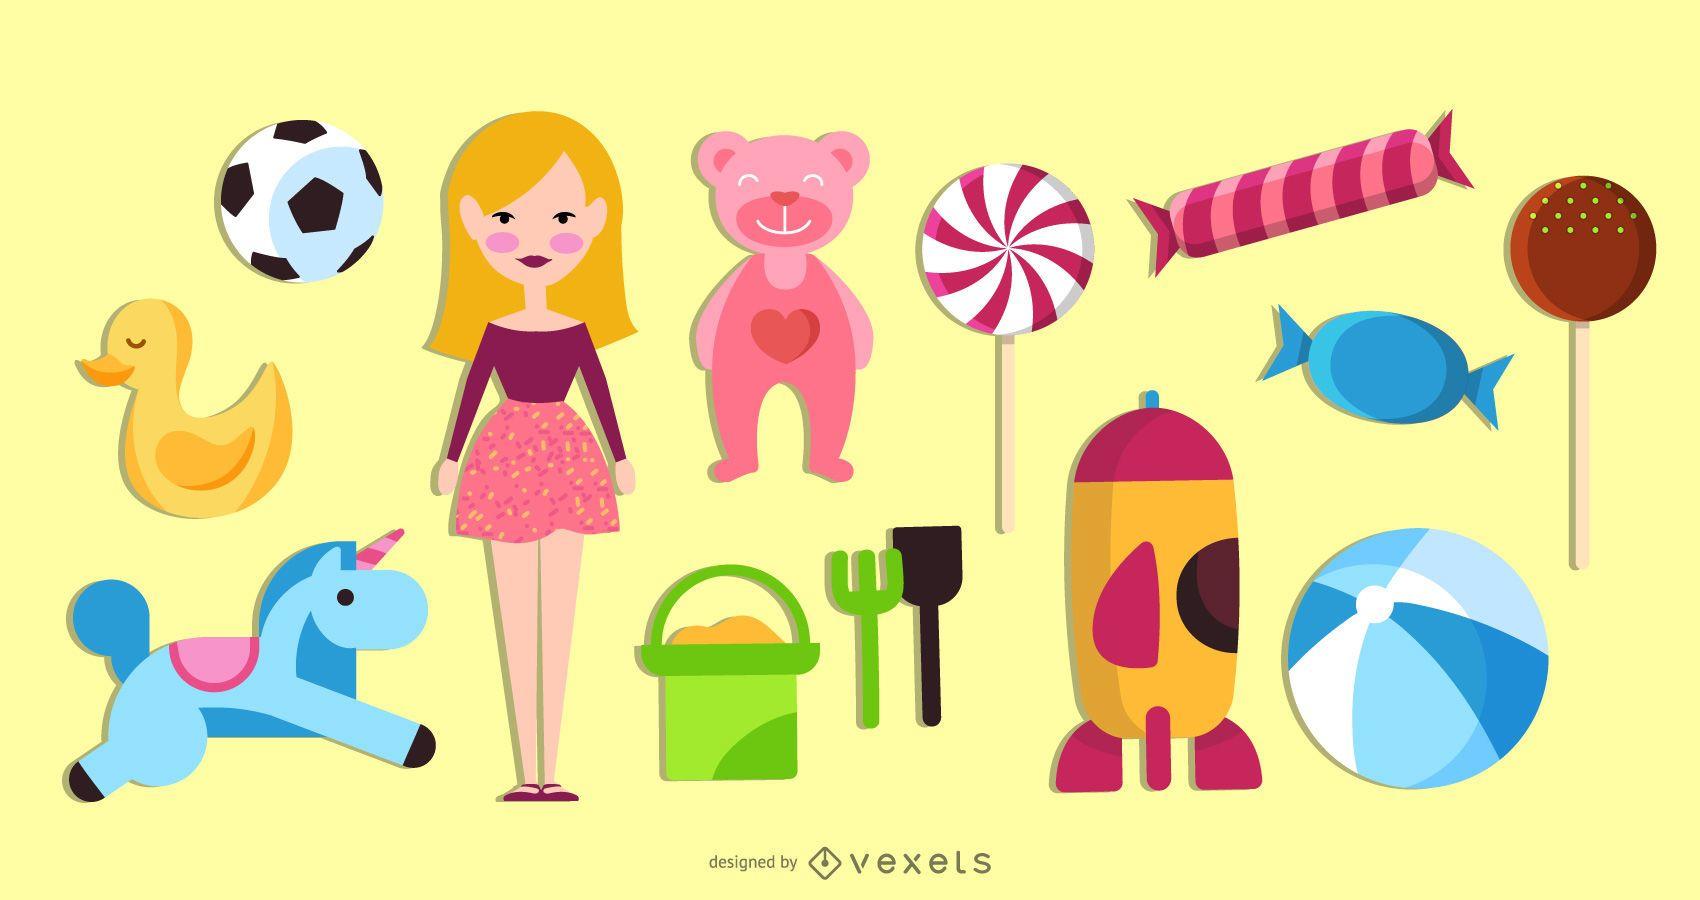 Conjunto de objetos de juguetes para niños